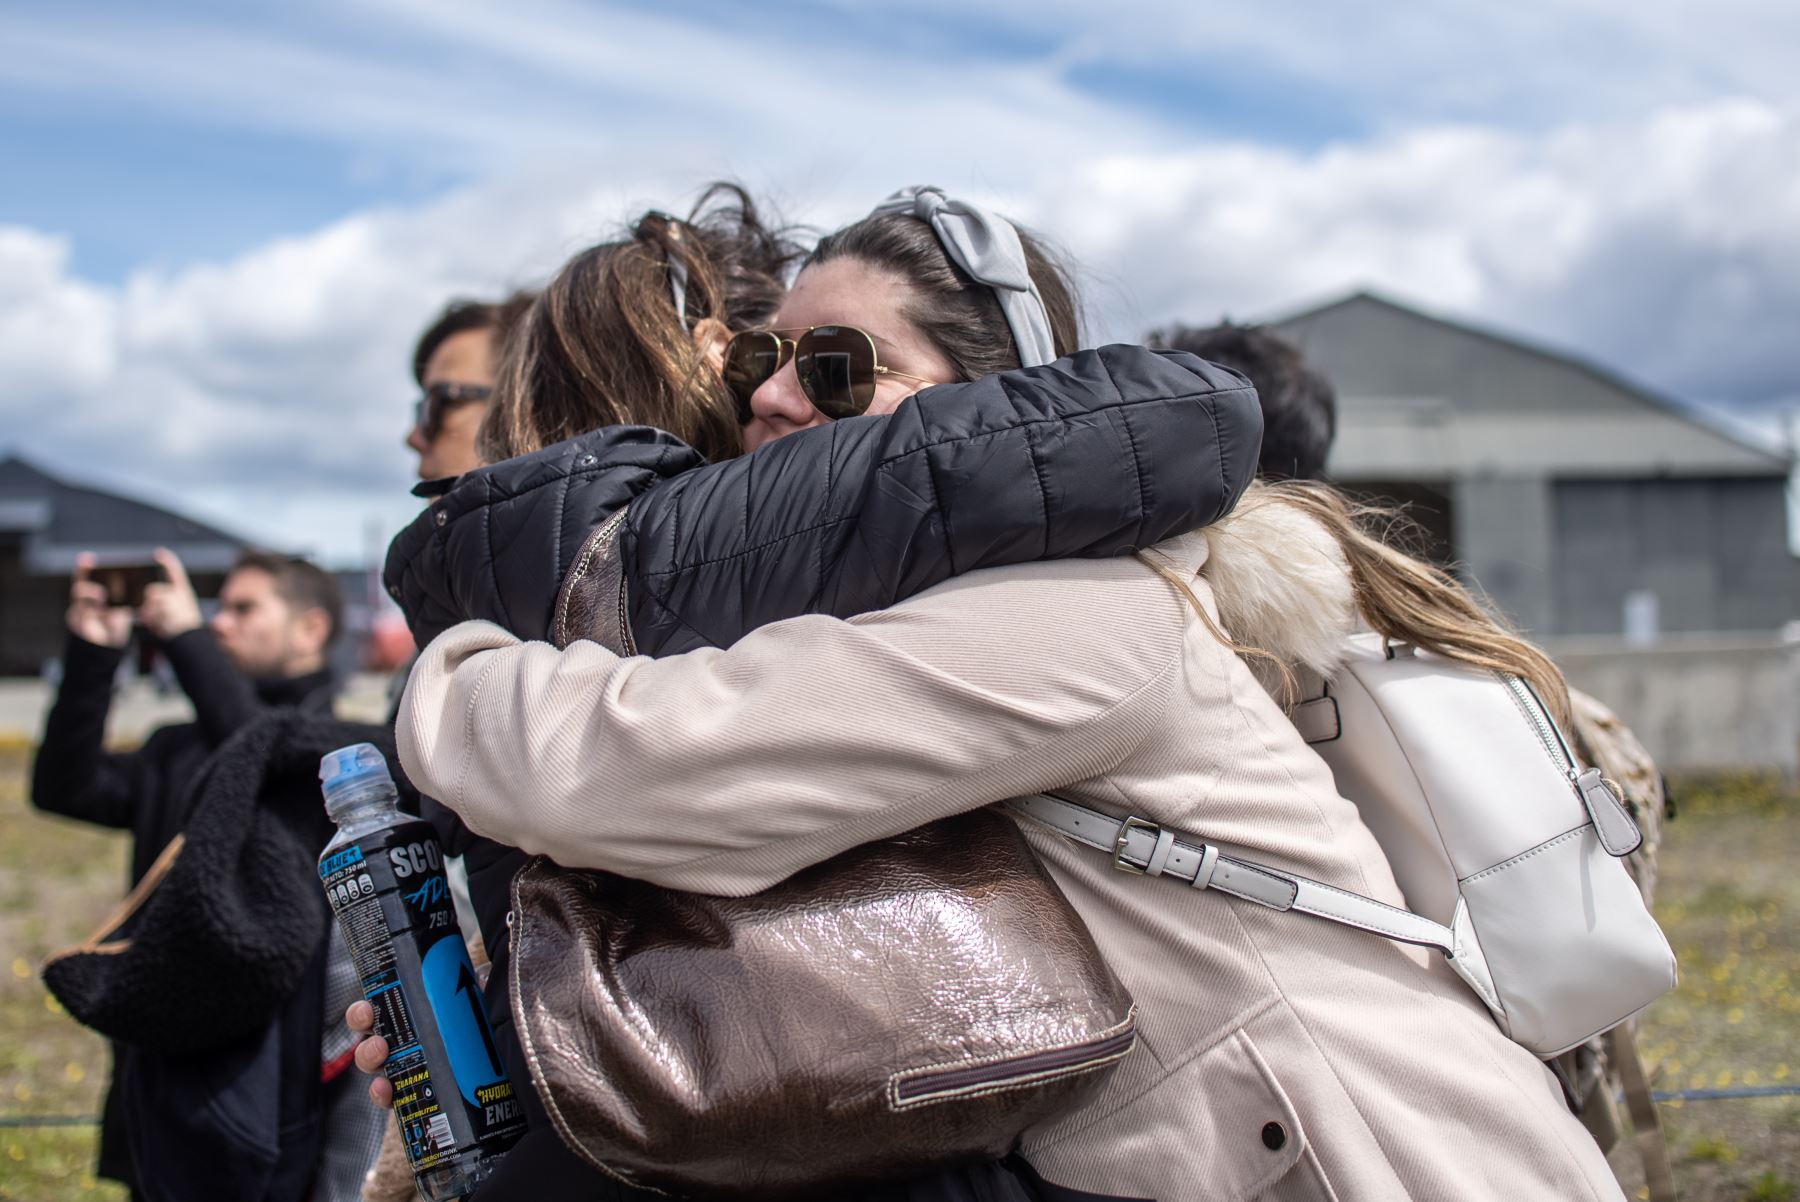 Familiares a bordo del avión de carga Hércules C-130 de la Fuerza Aérea de Chile que desapareció en el mar entre el extremo sur de América del Sur y la Antártida, se abrazan en la base del ejército Chabunco en Punta Arenas, Chile. Foto: AFP